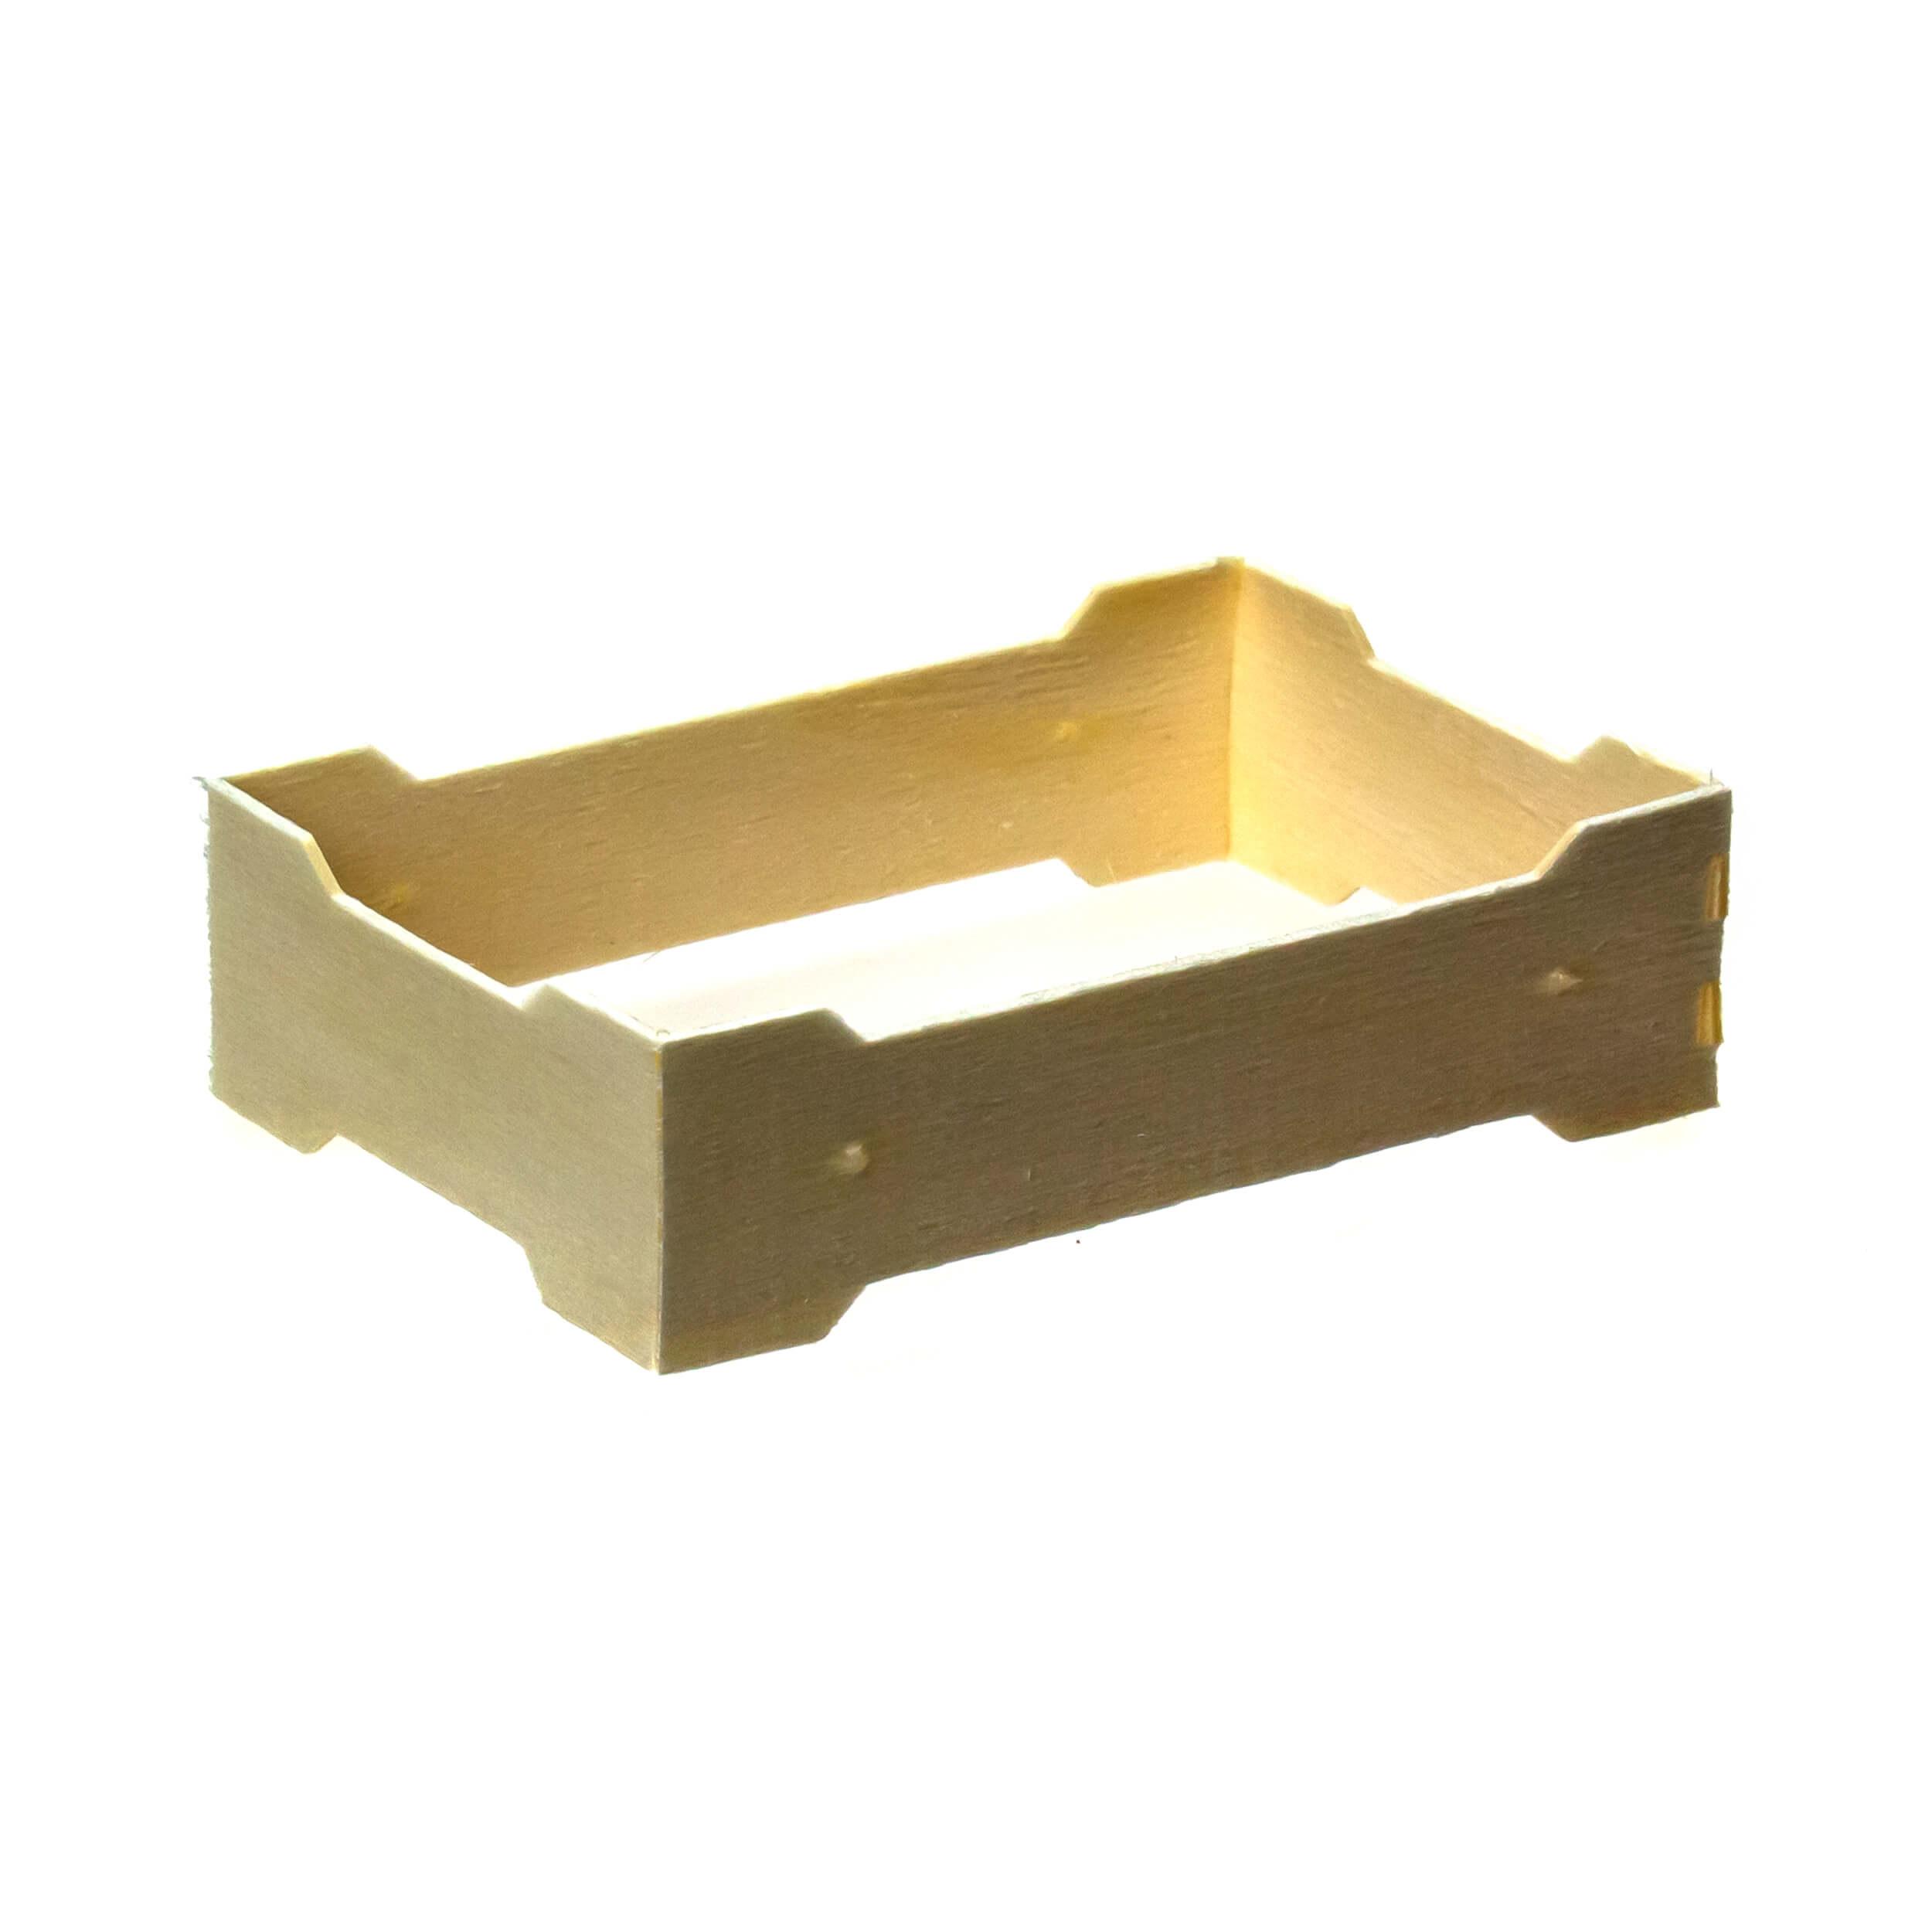 Мини рамка секционная для сотового меда (83х131х37 с отверстиями, дерево, упаковка 50 штук) фото